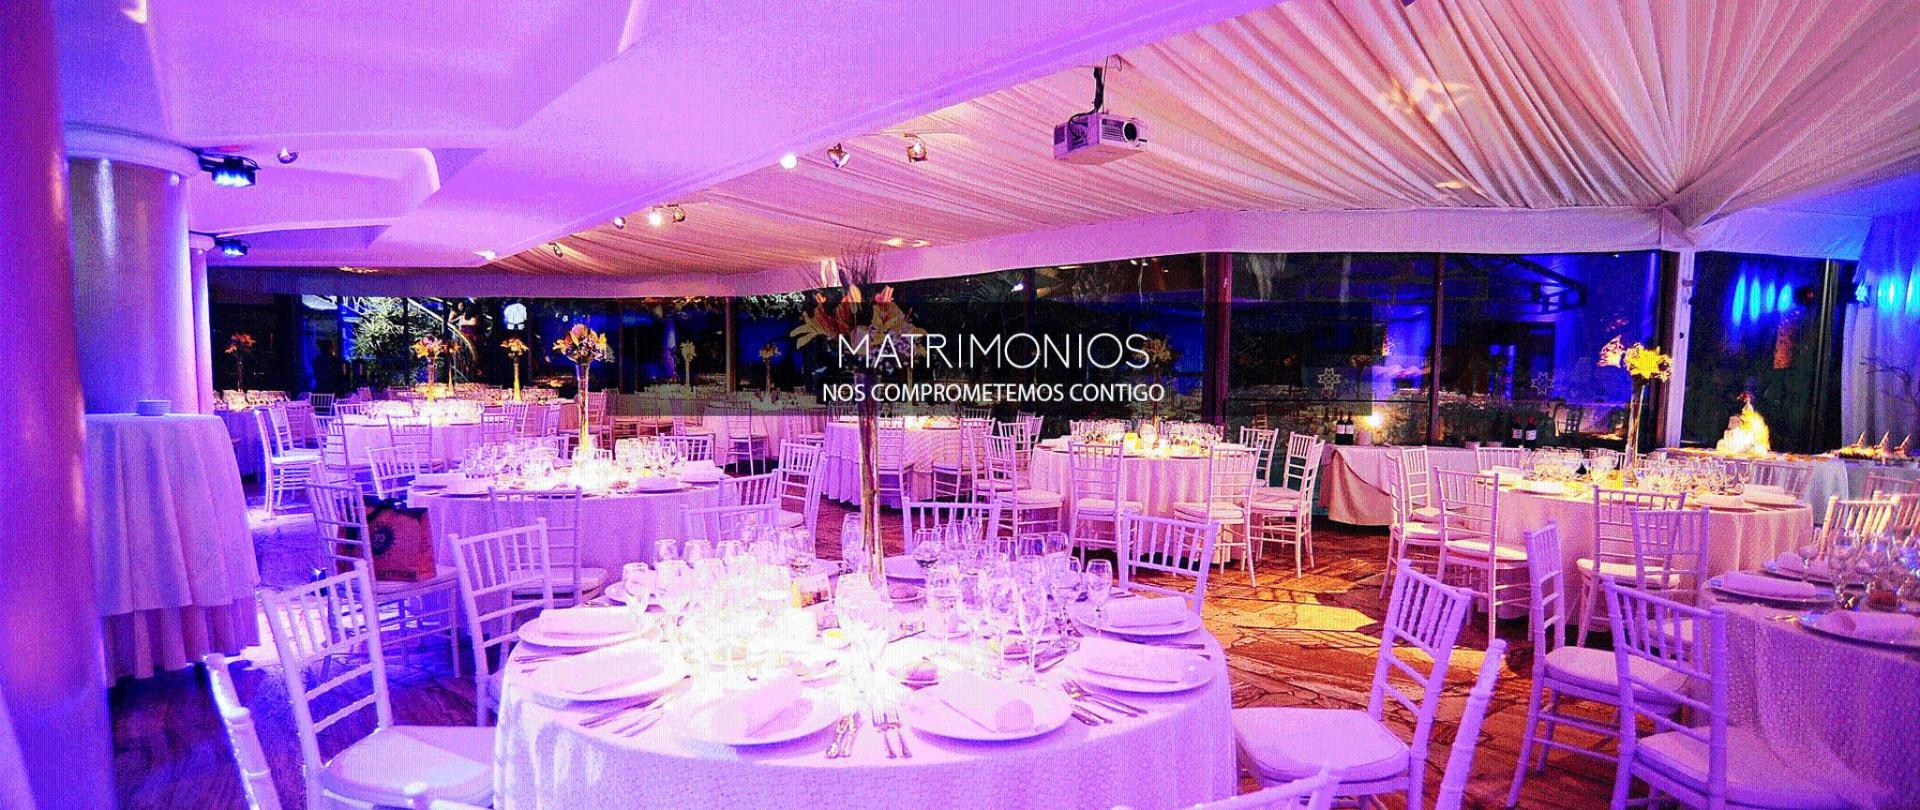 MATRIMONIOS2.png